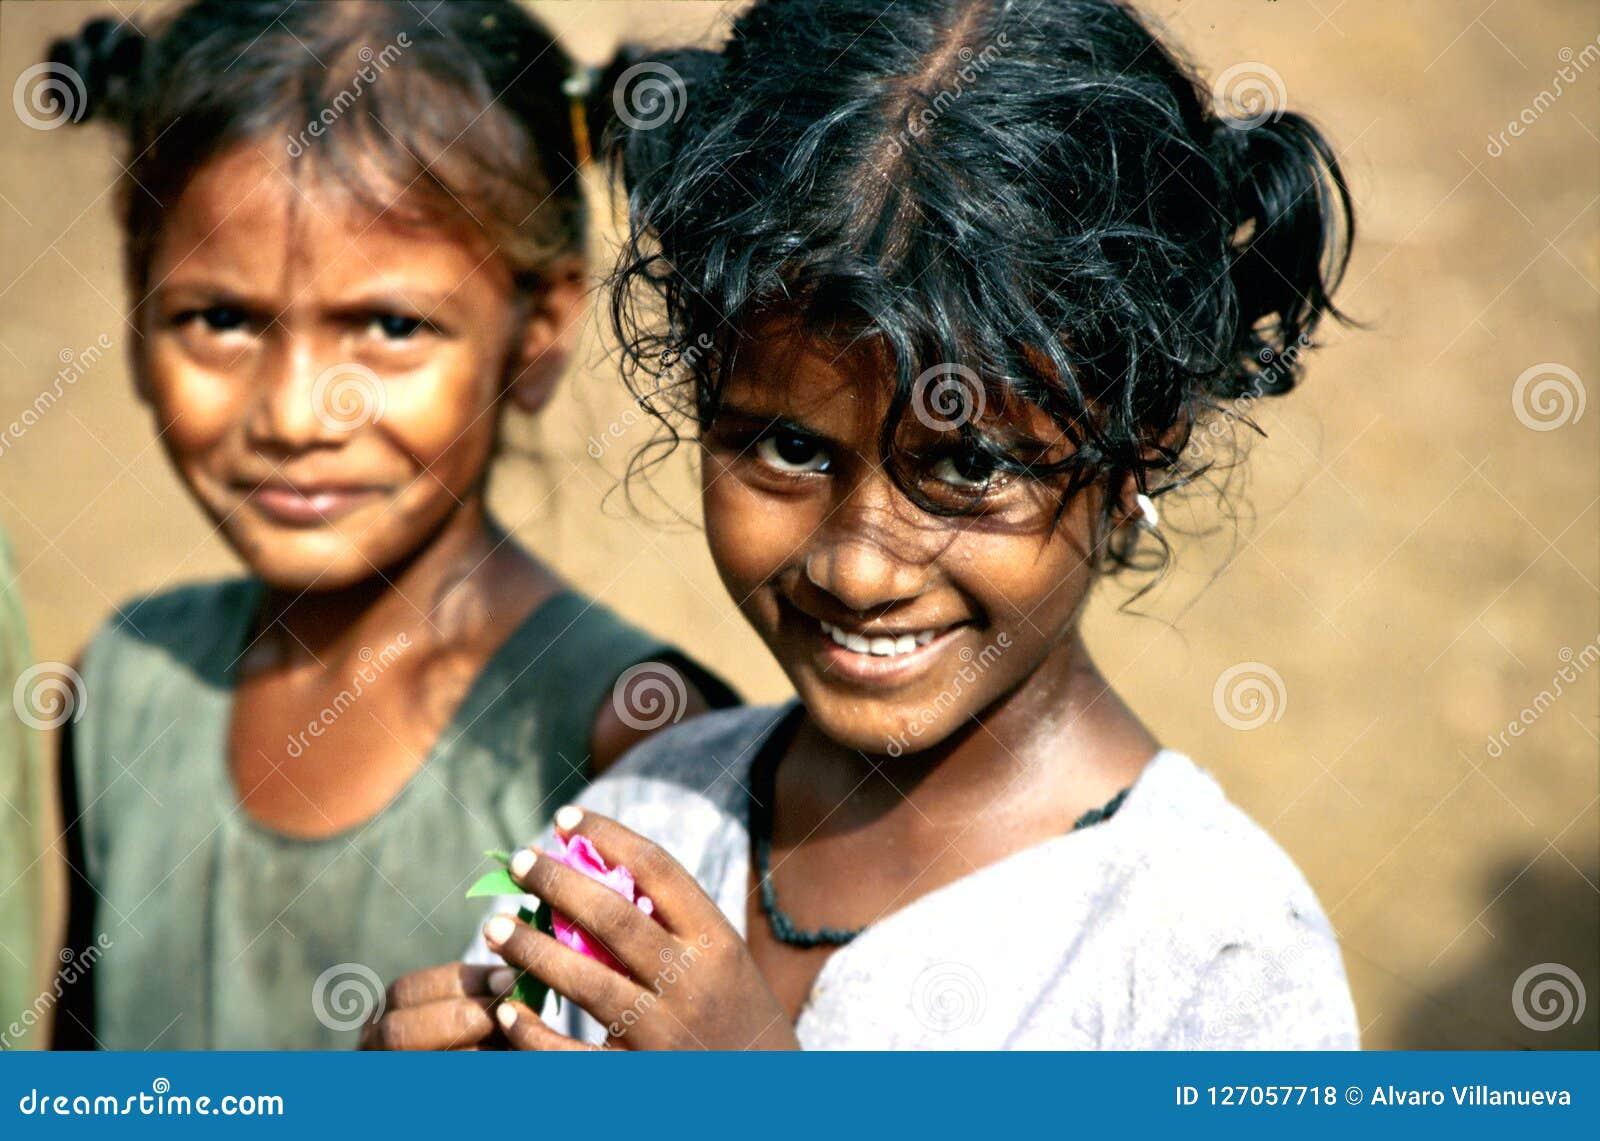 Андхра-Прадеш, Индия, около август 2002: Представление девушек в деревню